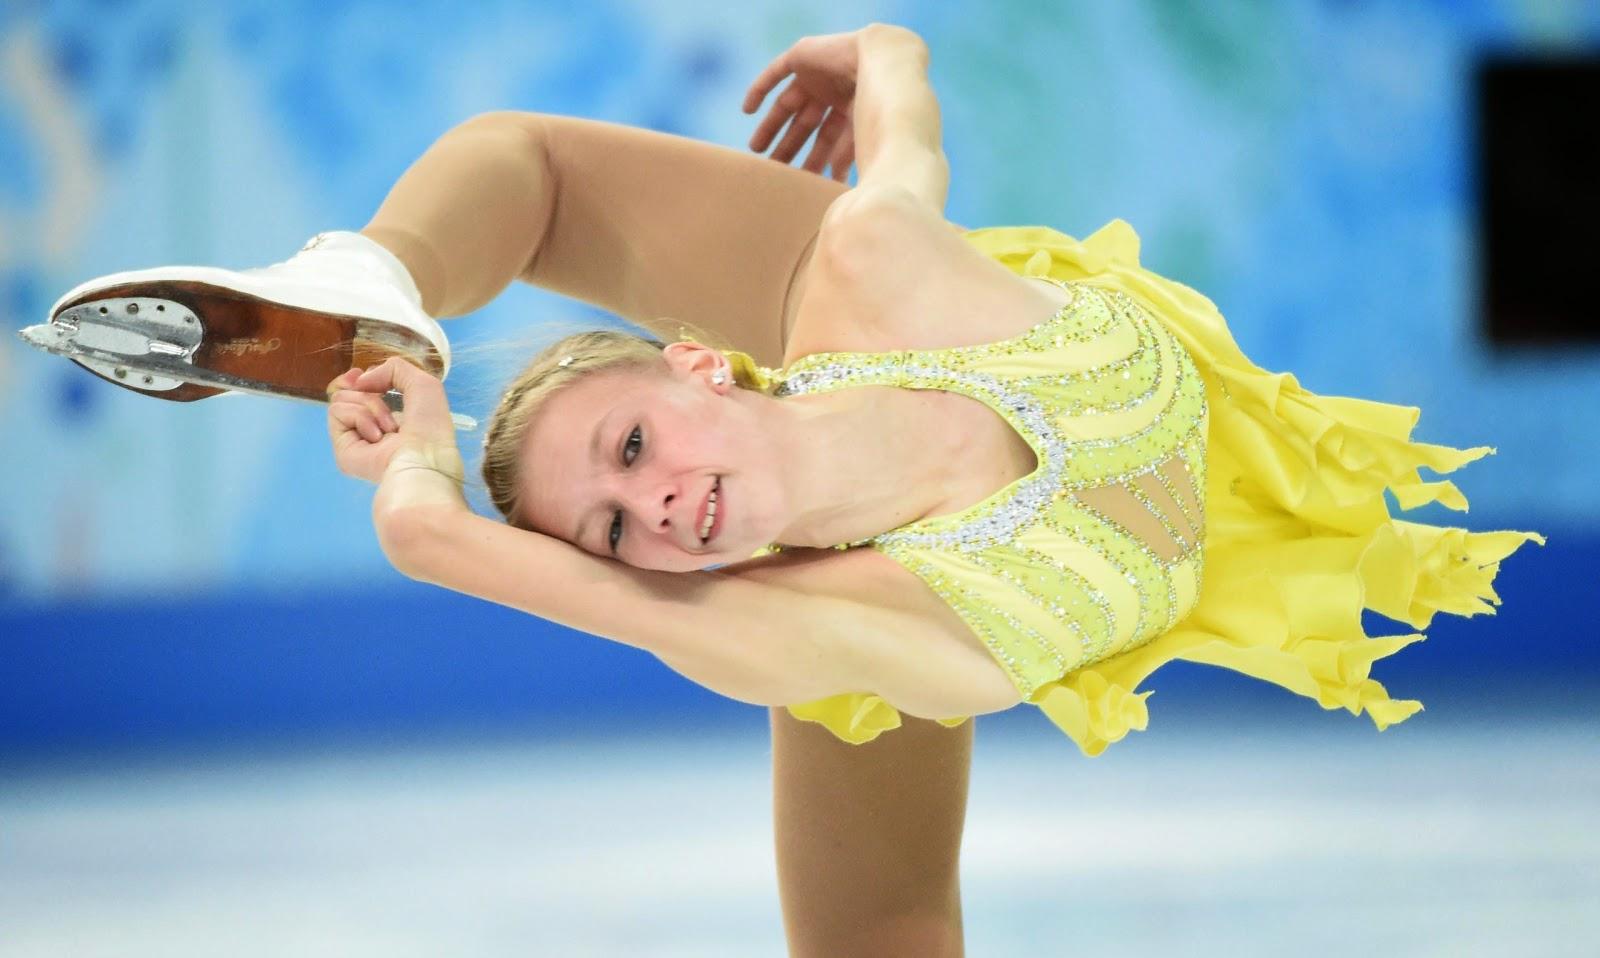 Polina Edmunds 2014,olympics 2014,winter olympics